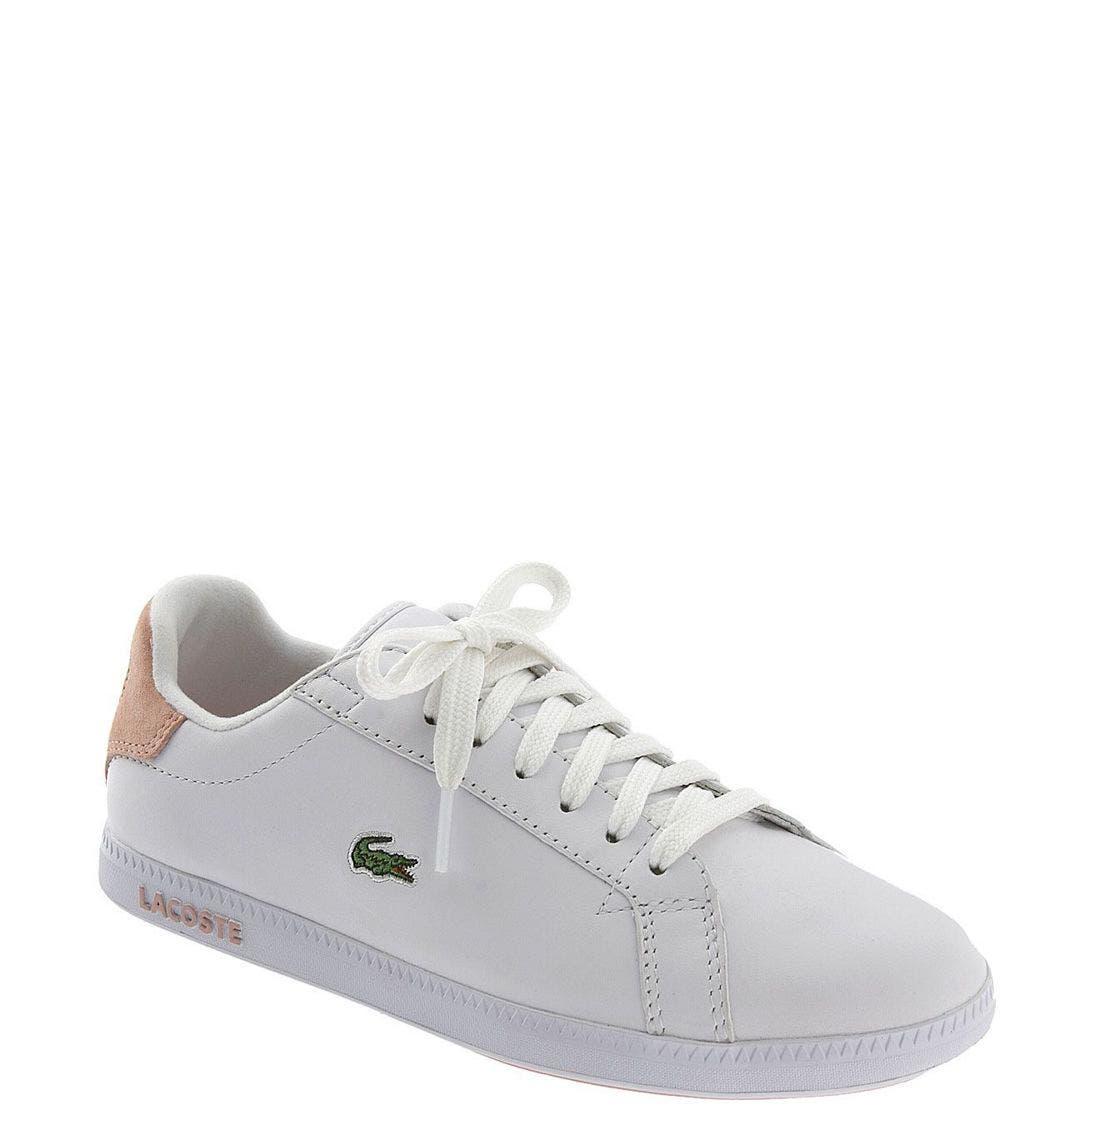 Main Image - Lacoste 'Graduate 2' Sneaker (Women)